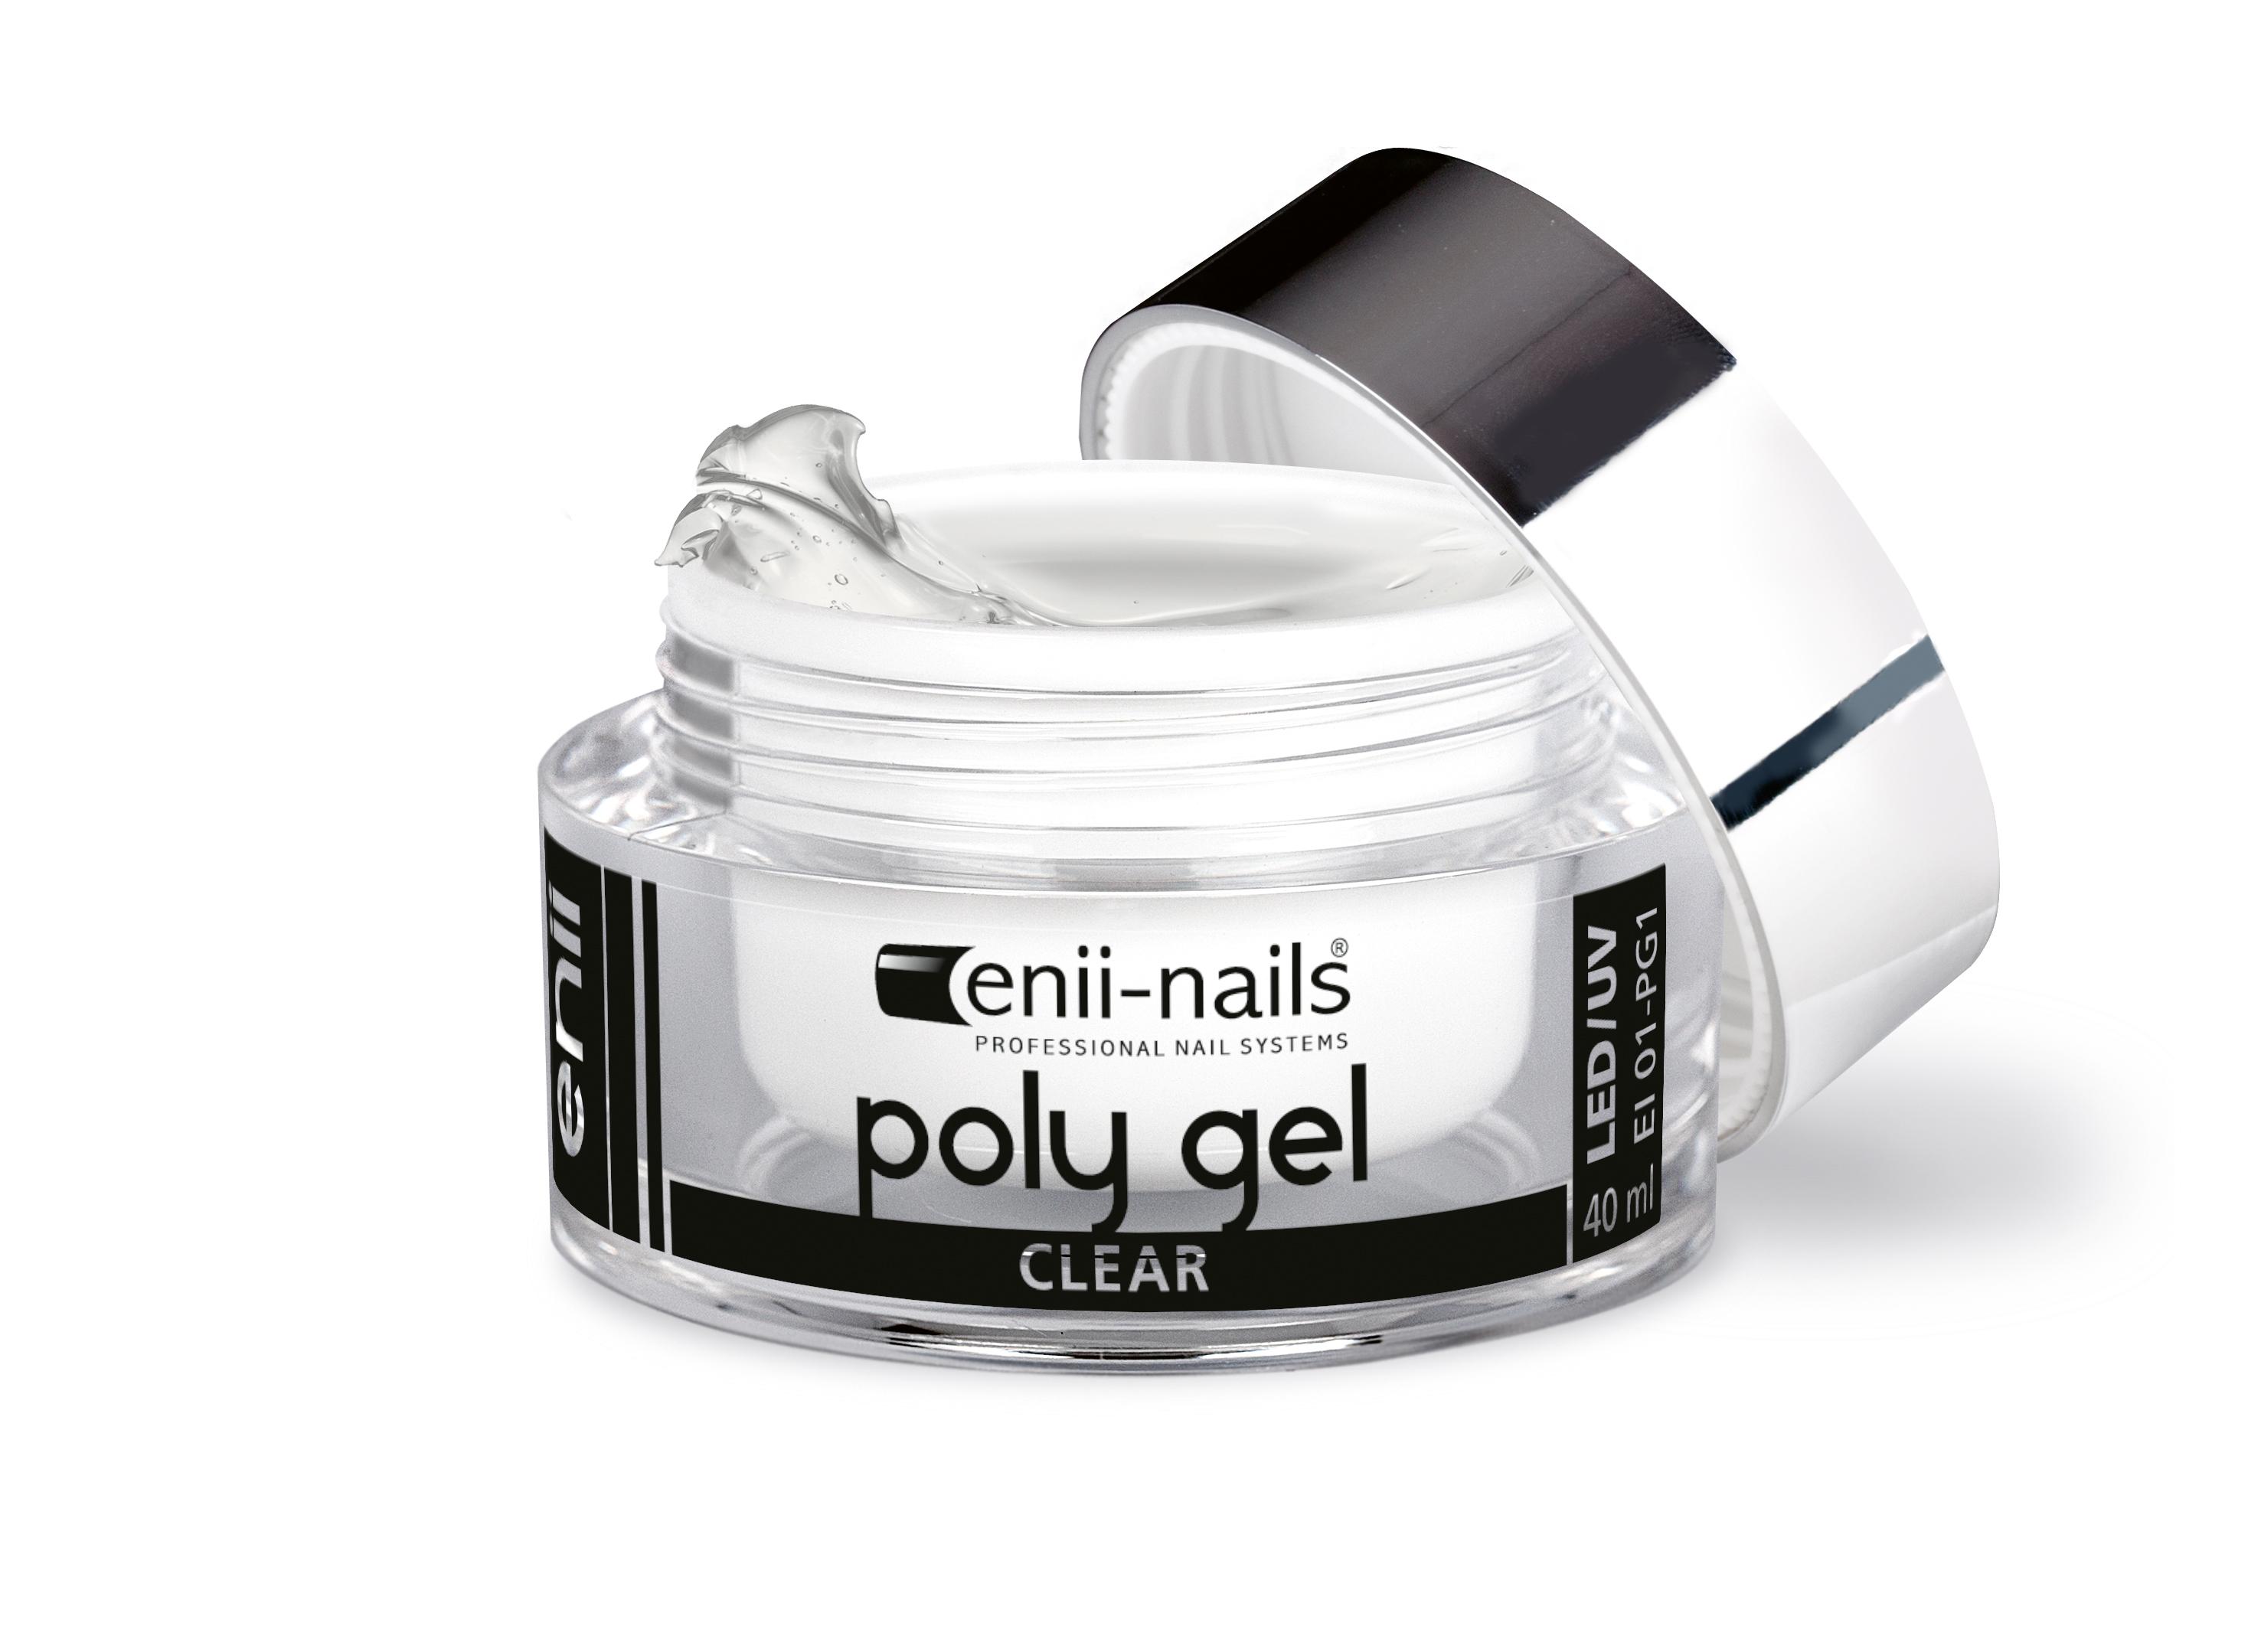 ENII-NAILS ENII POLY GEL - clear 10 ml